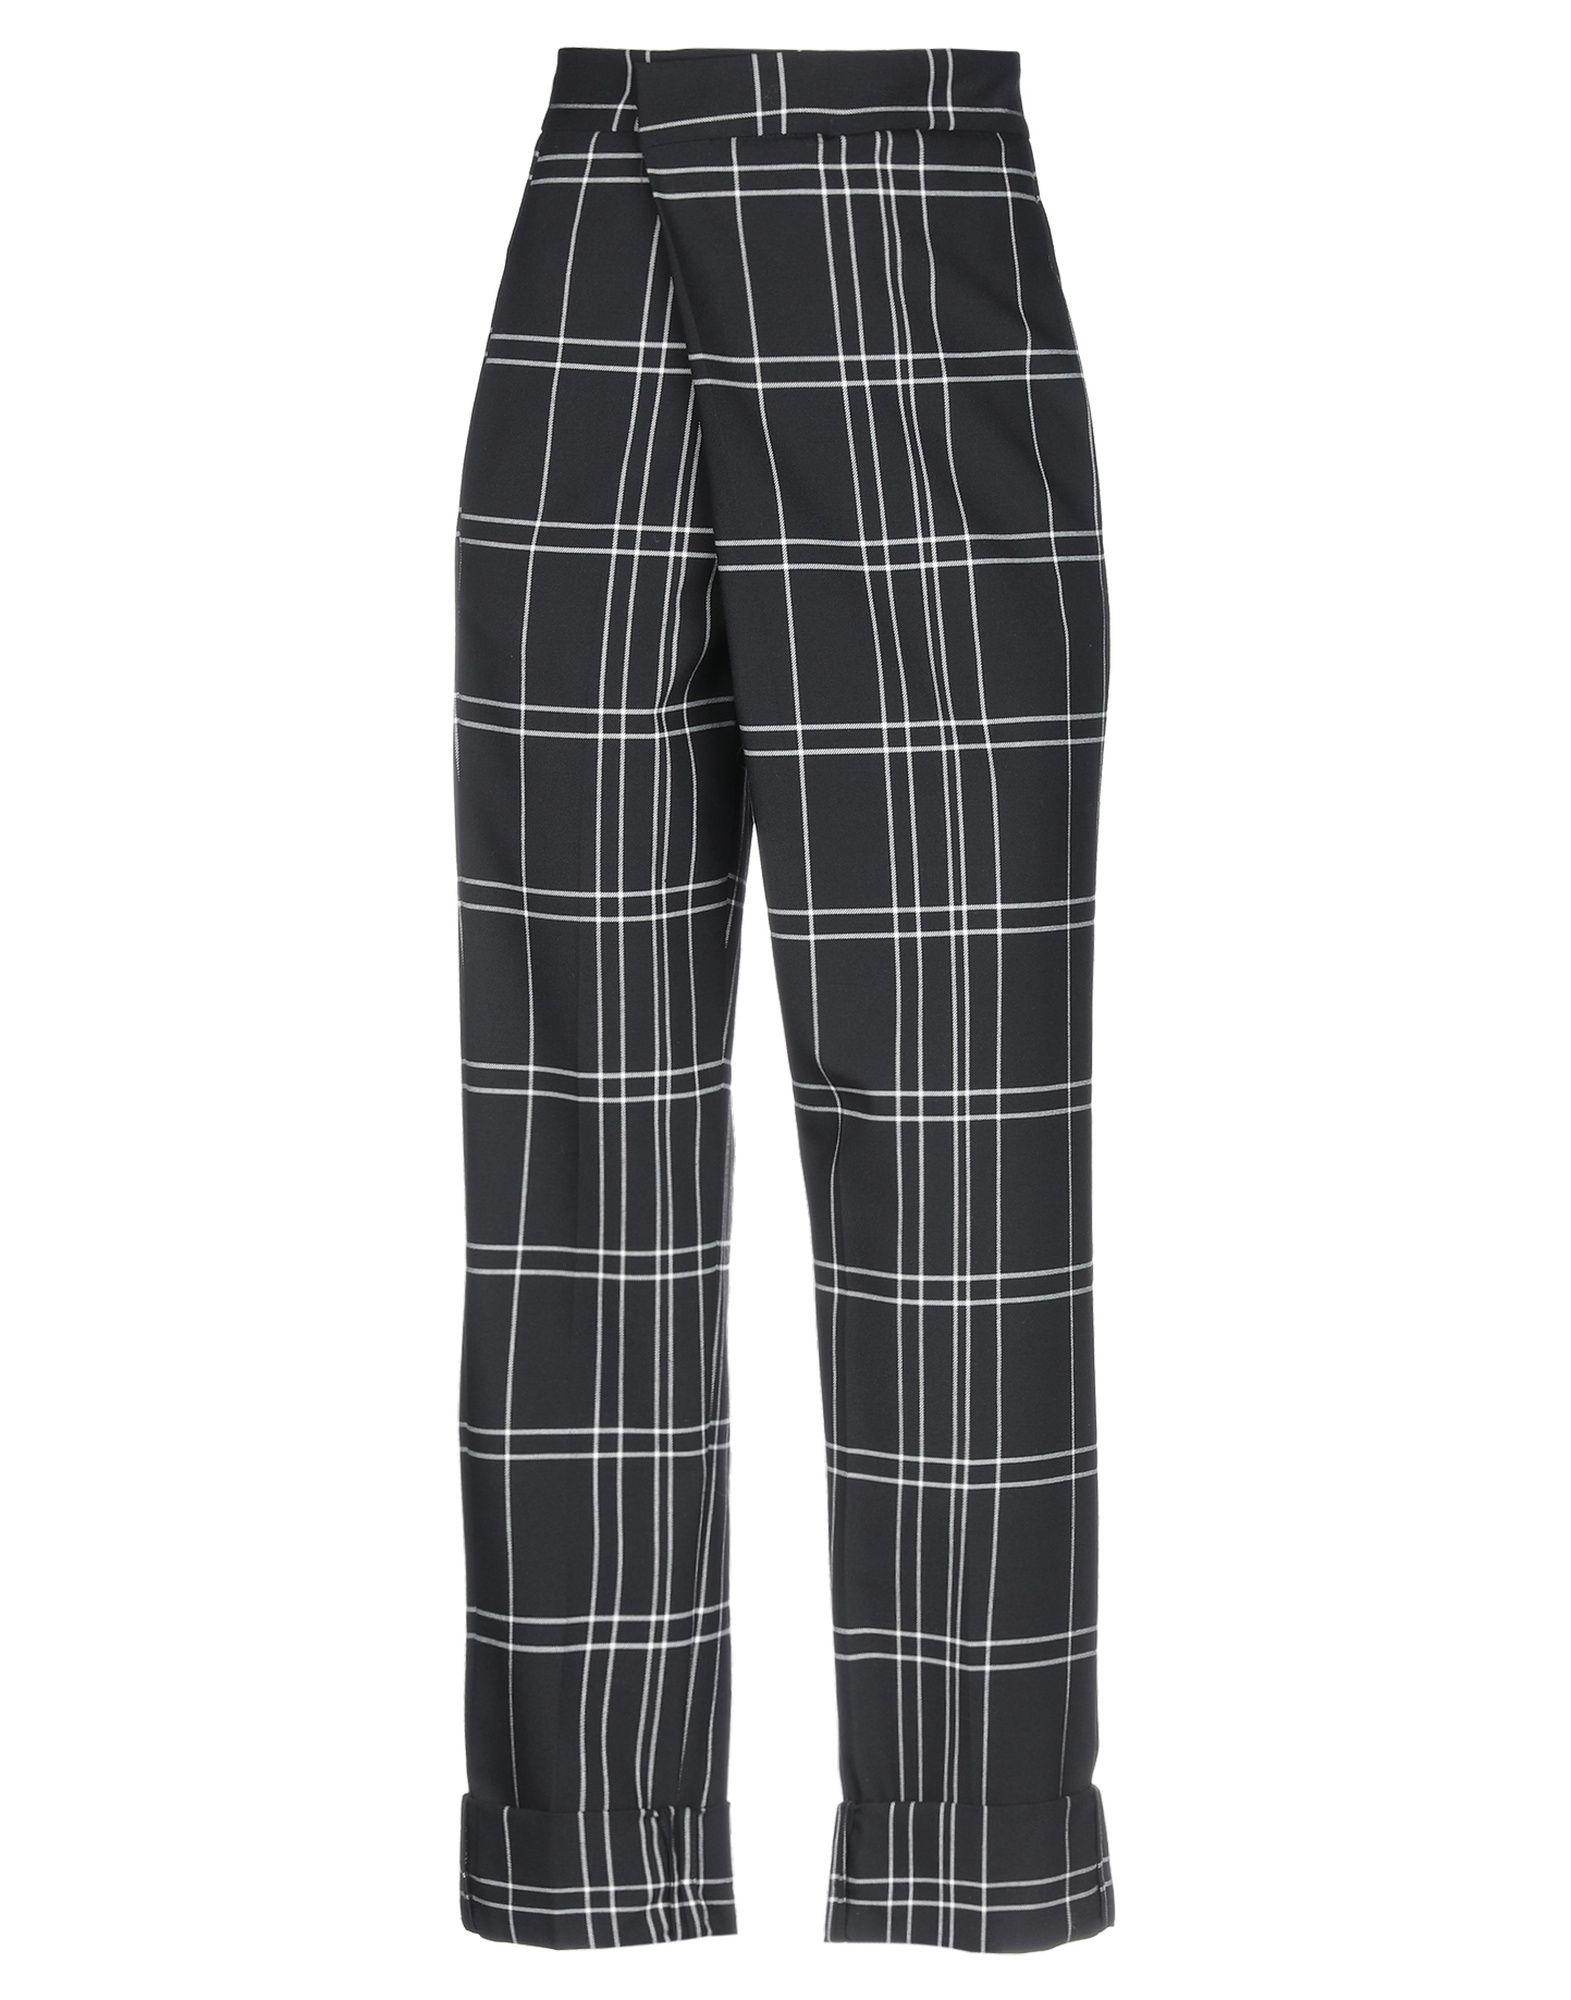 Pantalone Tela donna - 13324997KI